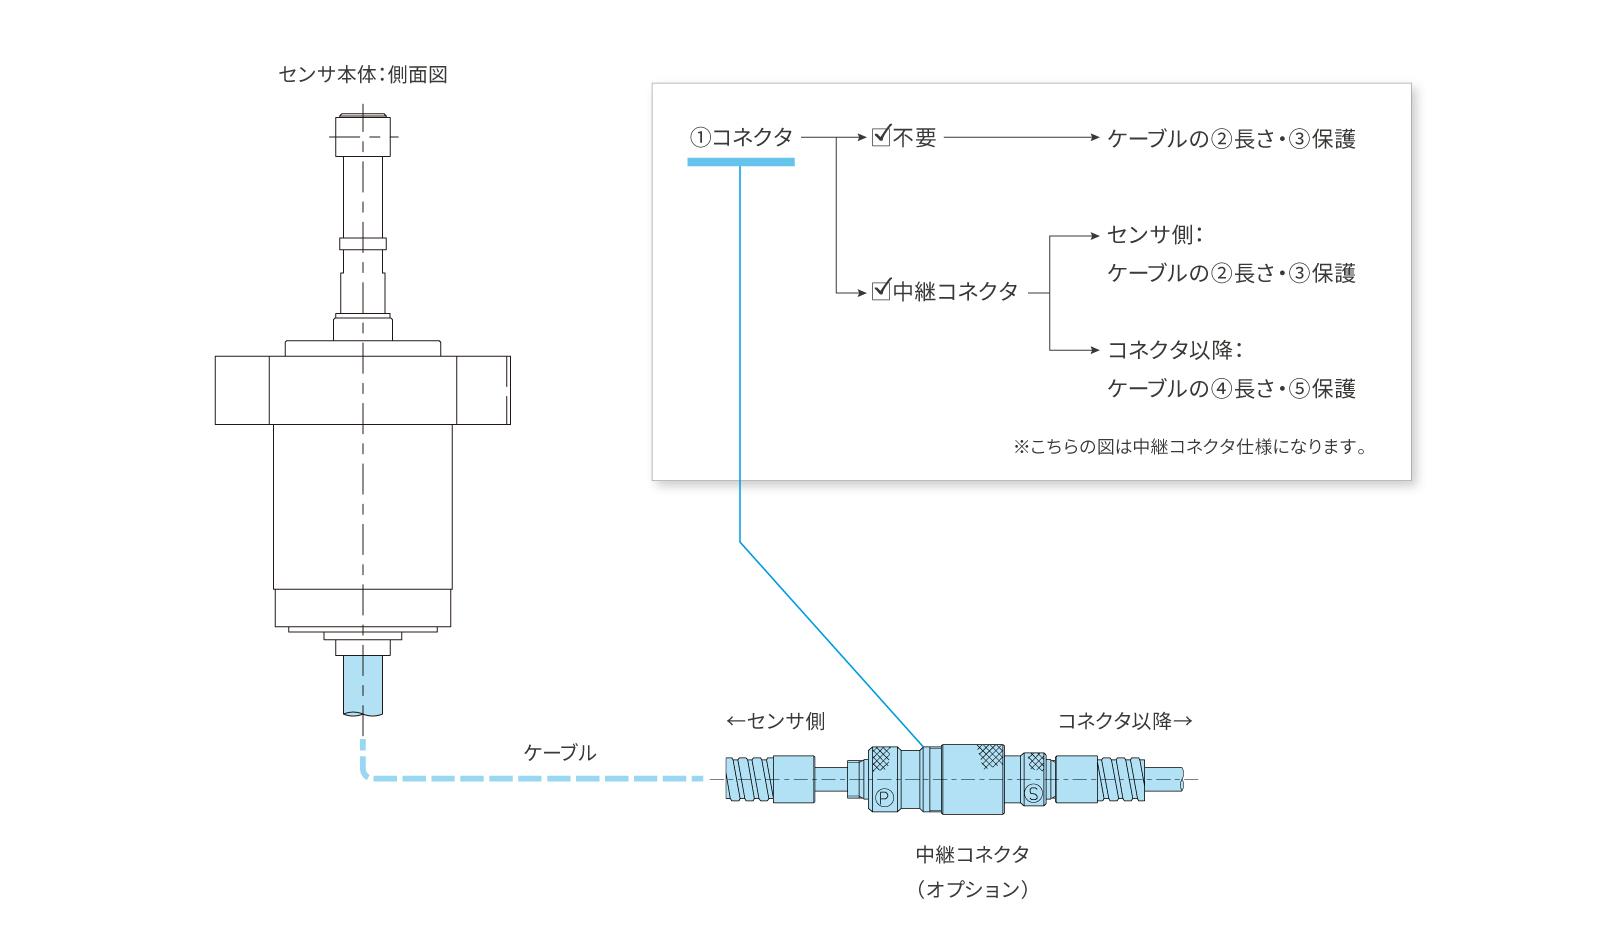 CNC旋盤用ツールセッター[H4Eシリーズ]のカスタマイズ